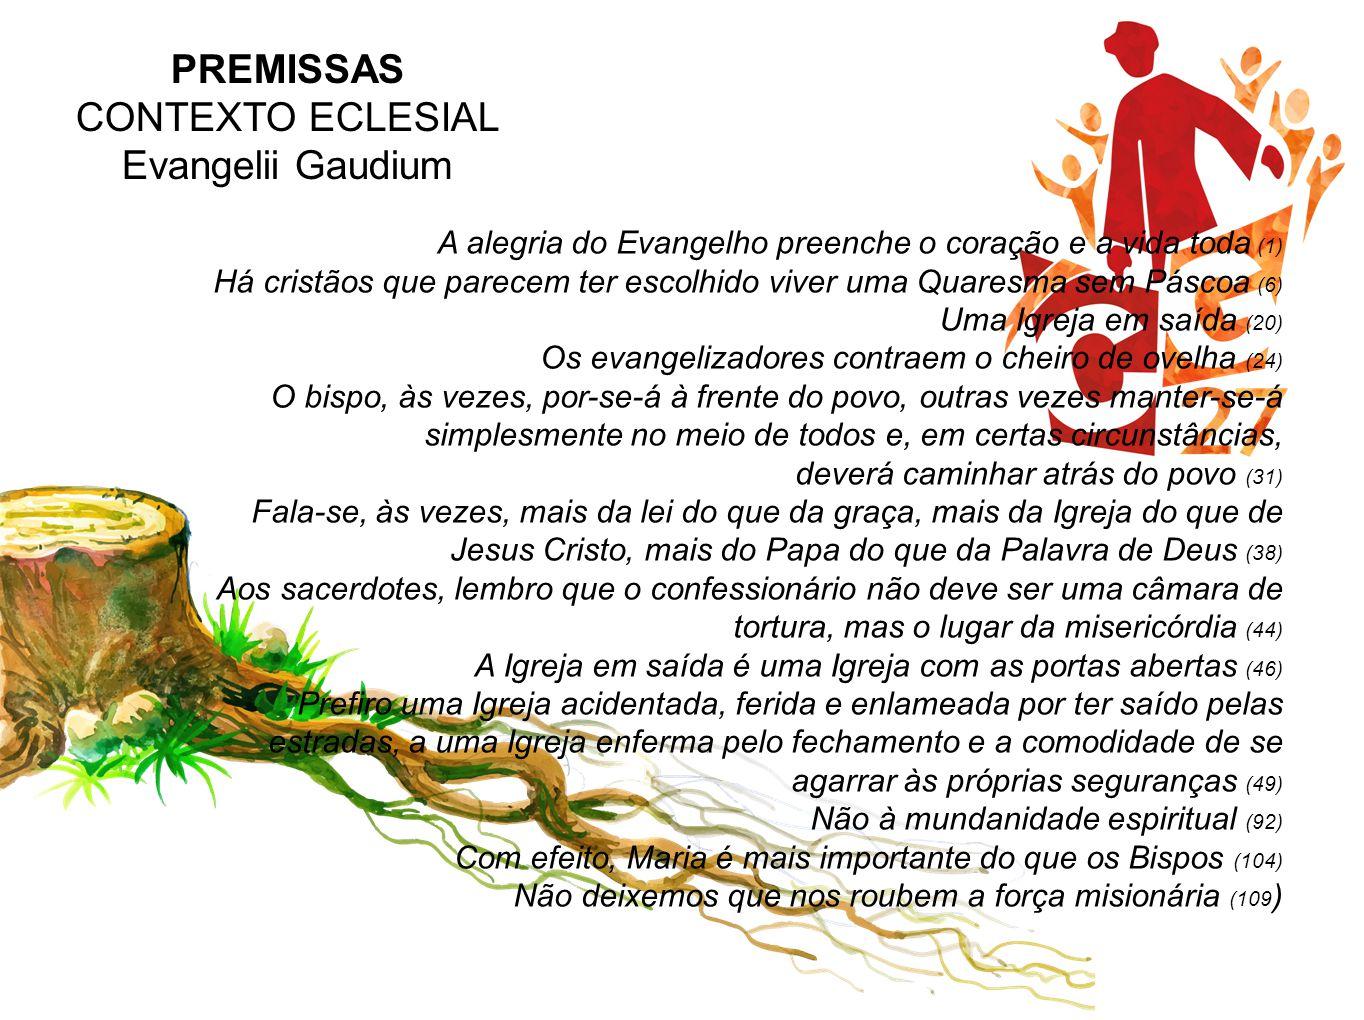 PREMISSAS CONTEXTO ECLESIAL Evangelii Gaudium A alegria do Evangelho preenche o coração e a vida toda (1) Há cristãos que parecem ter escolhido viver